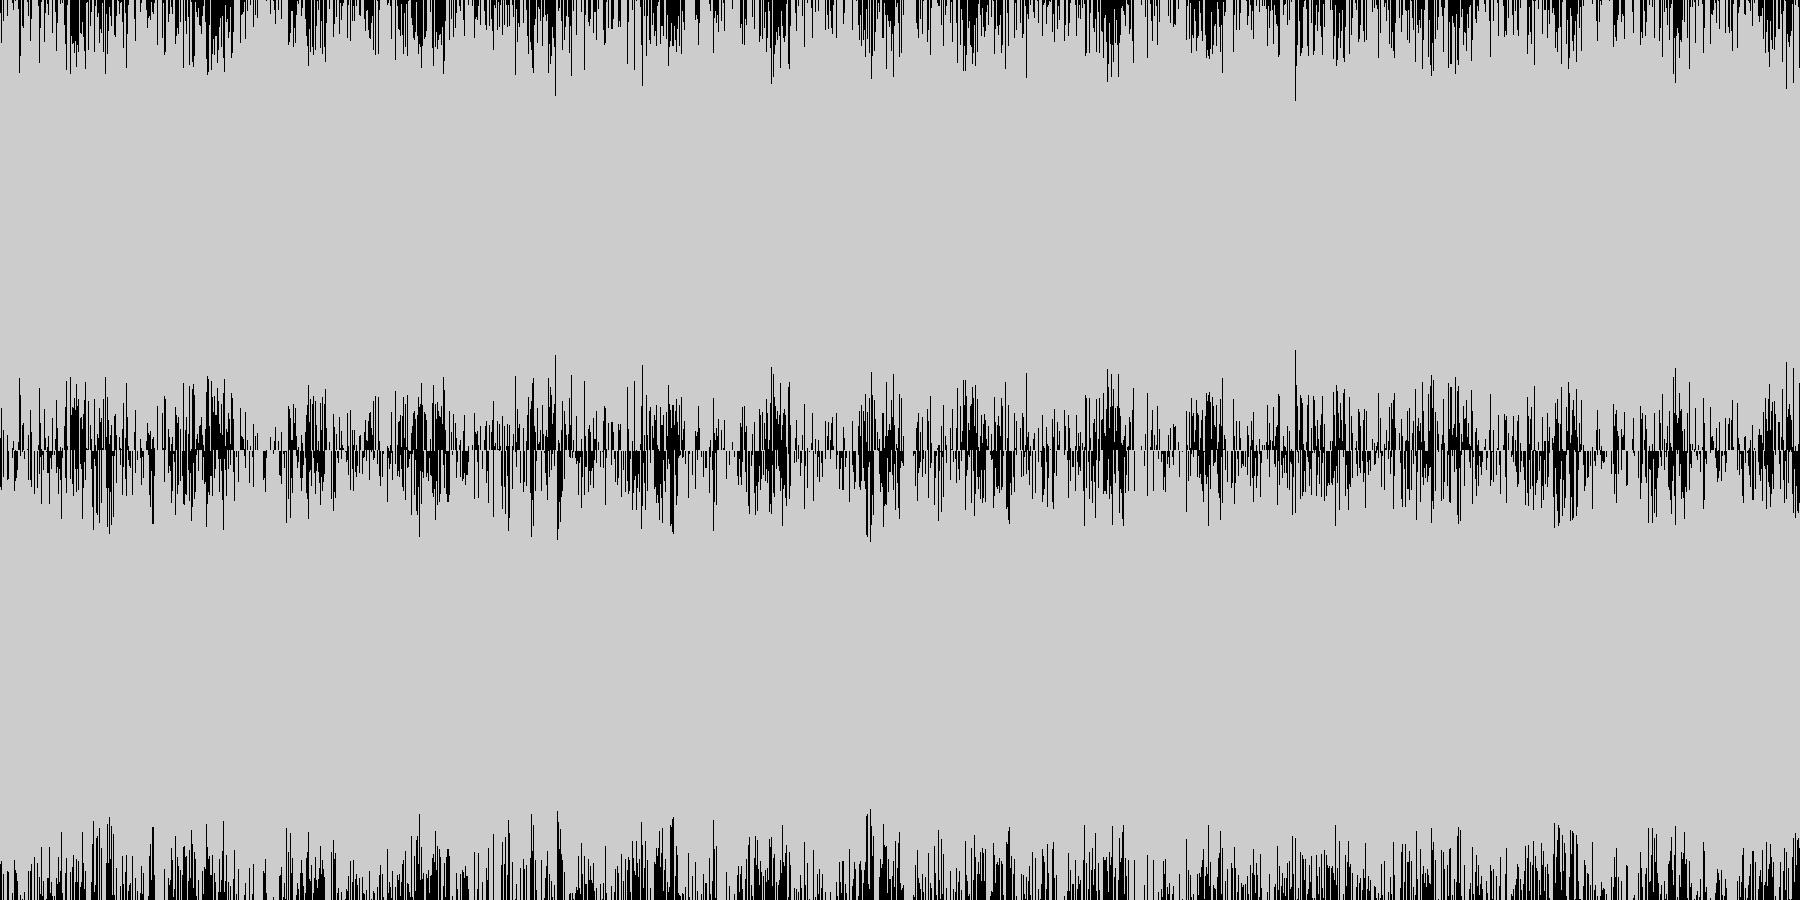 ギター ループ ロックの未再生の波形